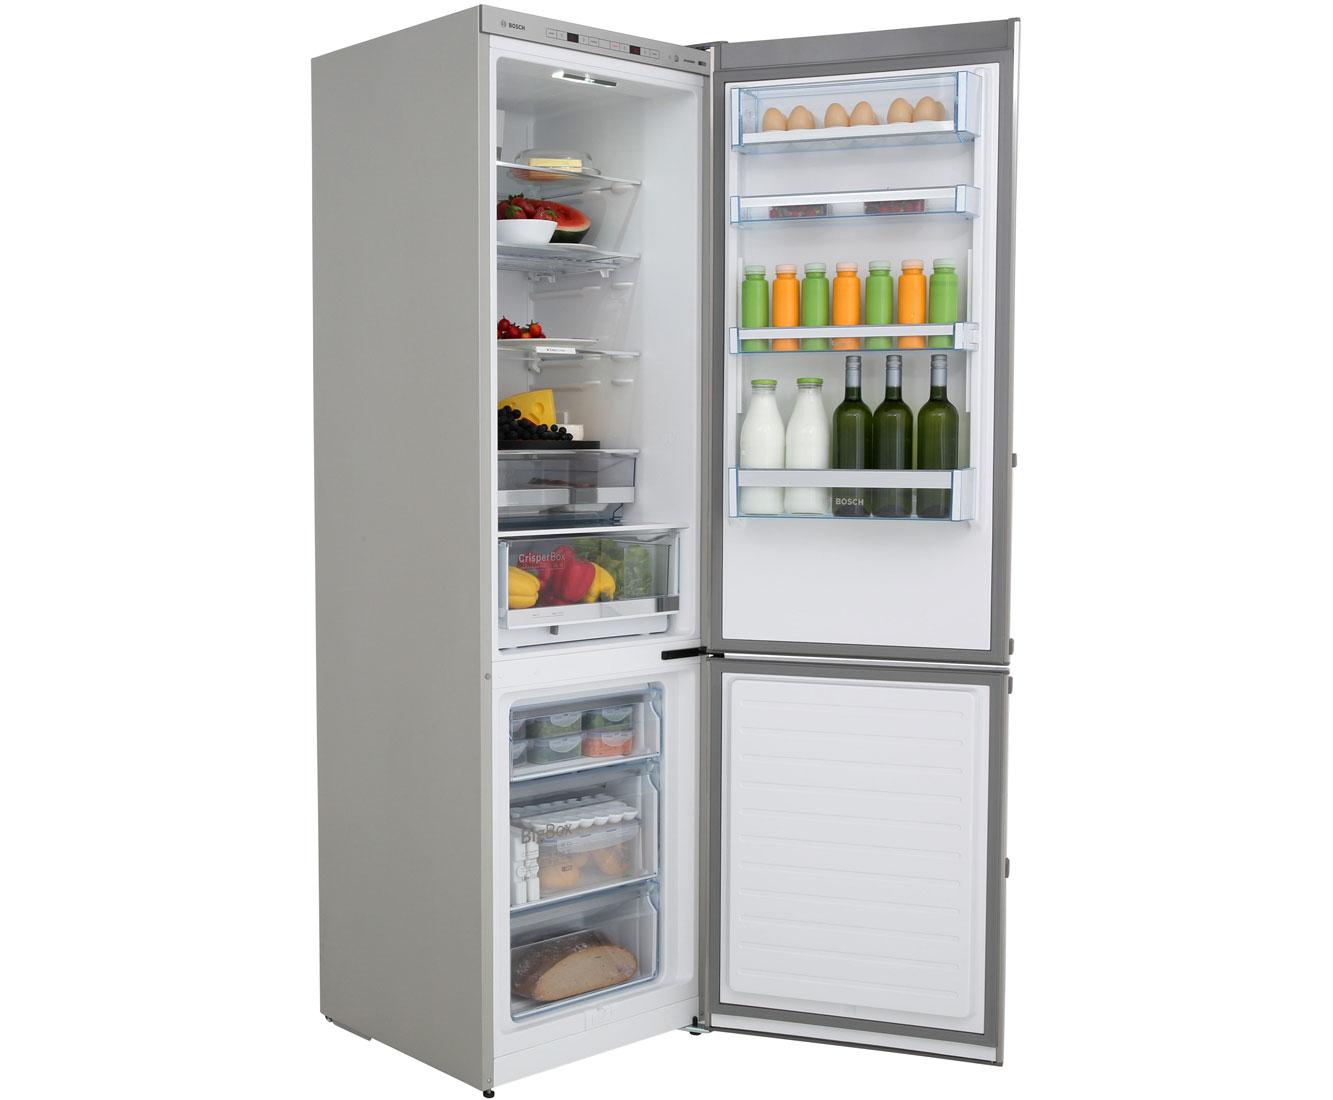 Siemens Kühlschrank Vitafresh : Bosch kühlschrank günstig kaufen ⇒ beste angebote preise